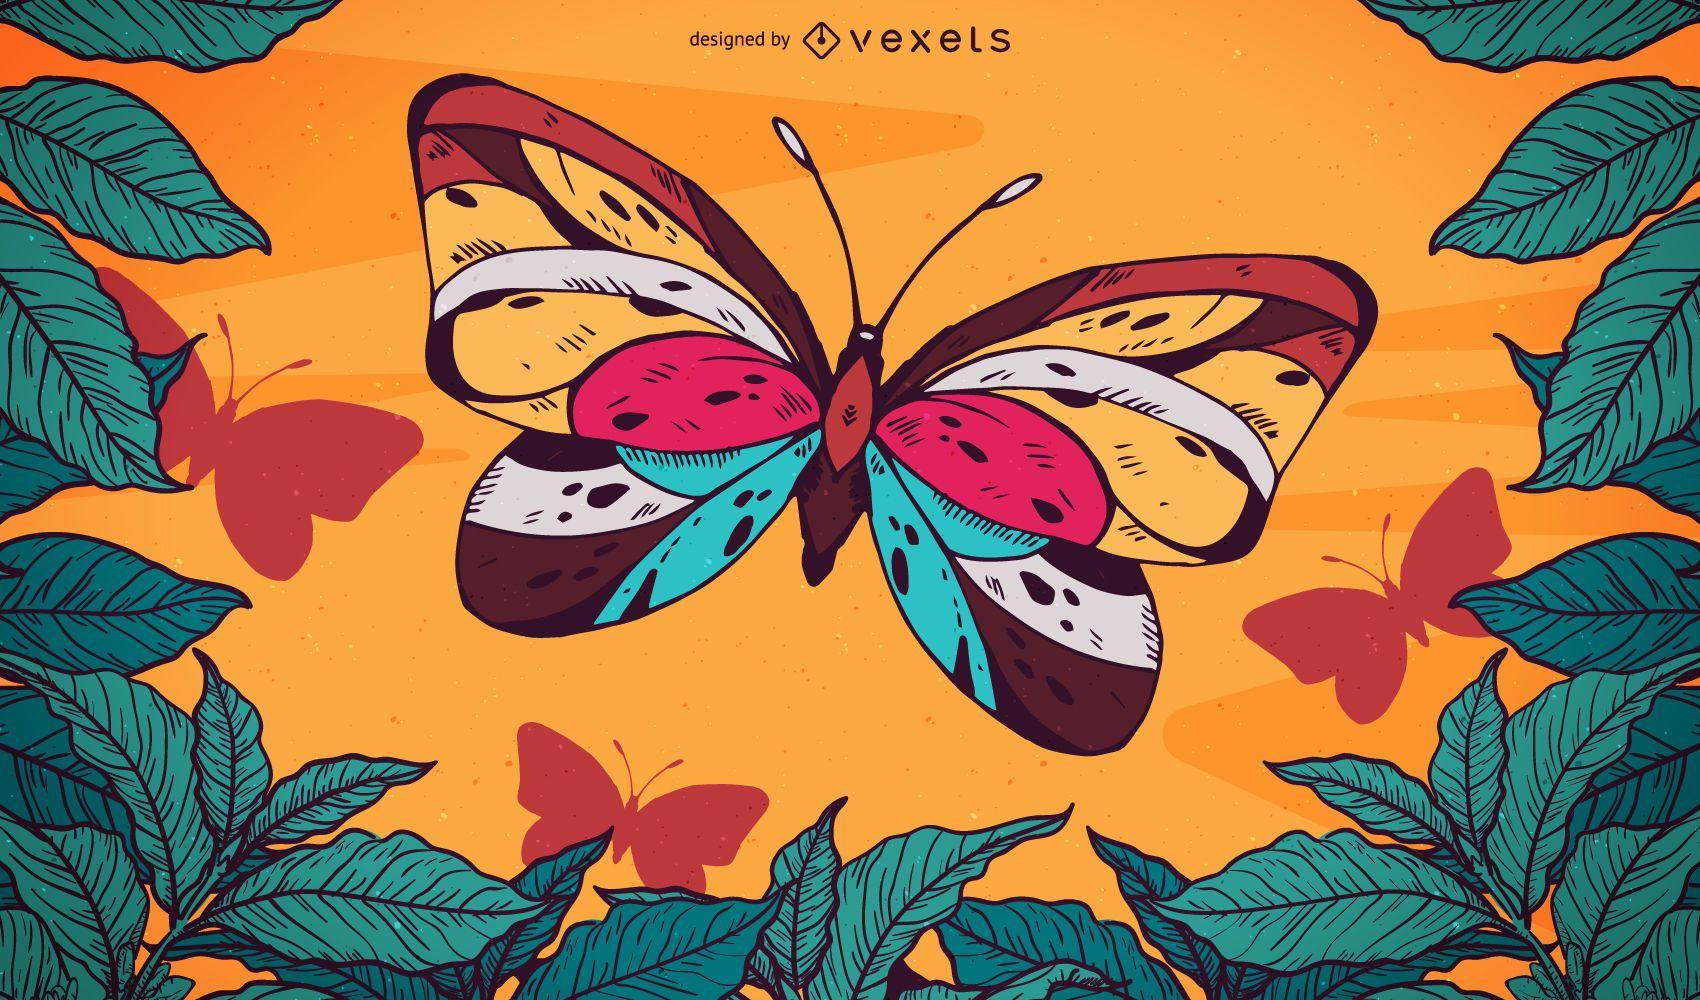 Fundo ilustrado de borboleta voando